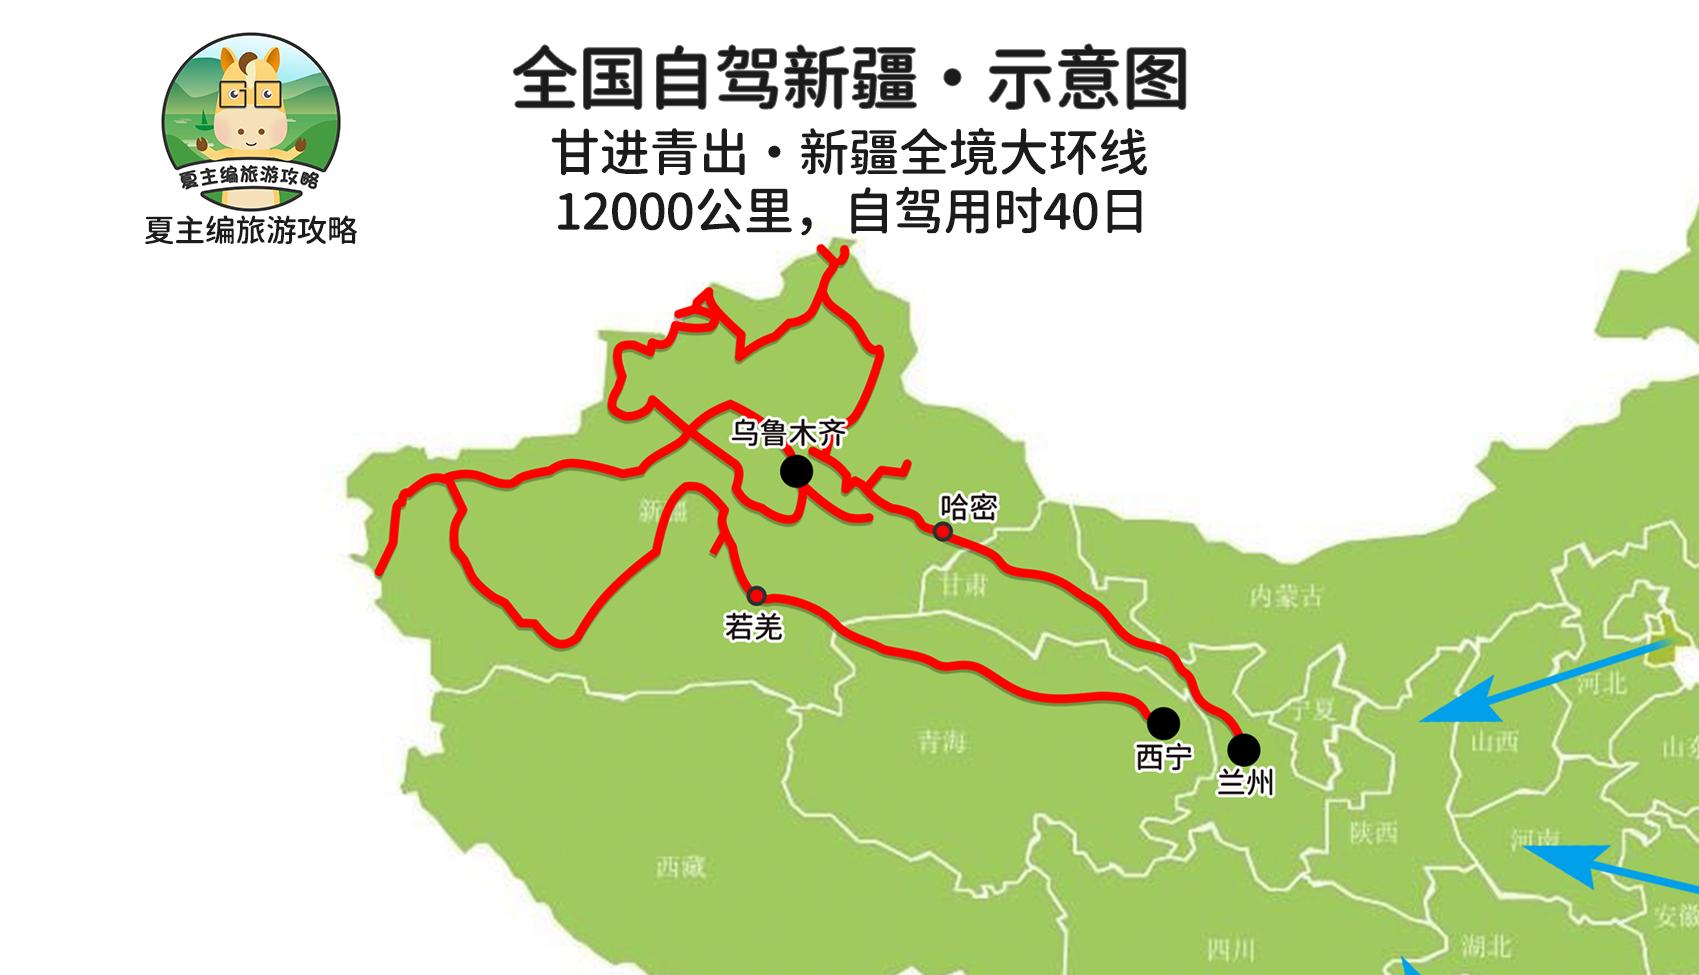 新疆自驾游地图:完整高清版,仅制作成本就花了5000元